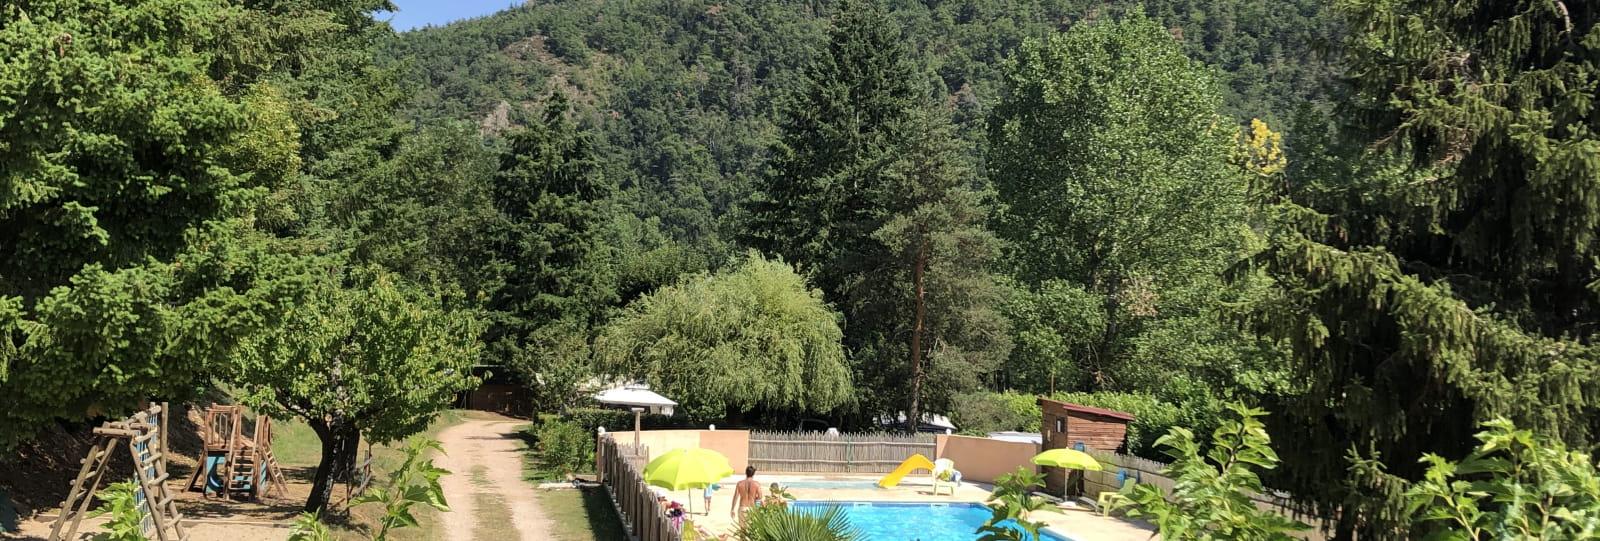 piscine_camping les berges du doux